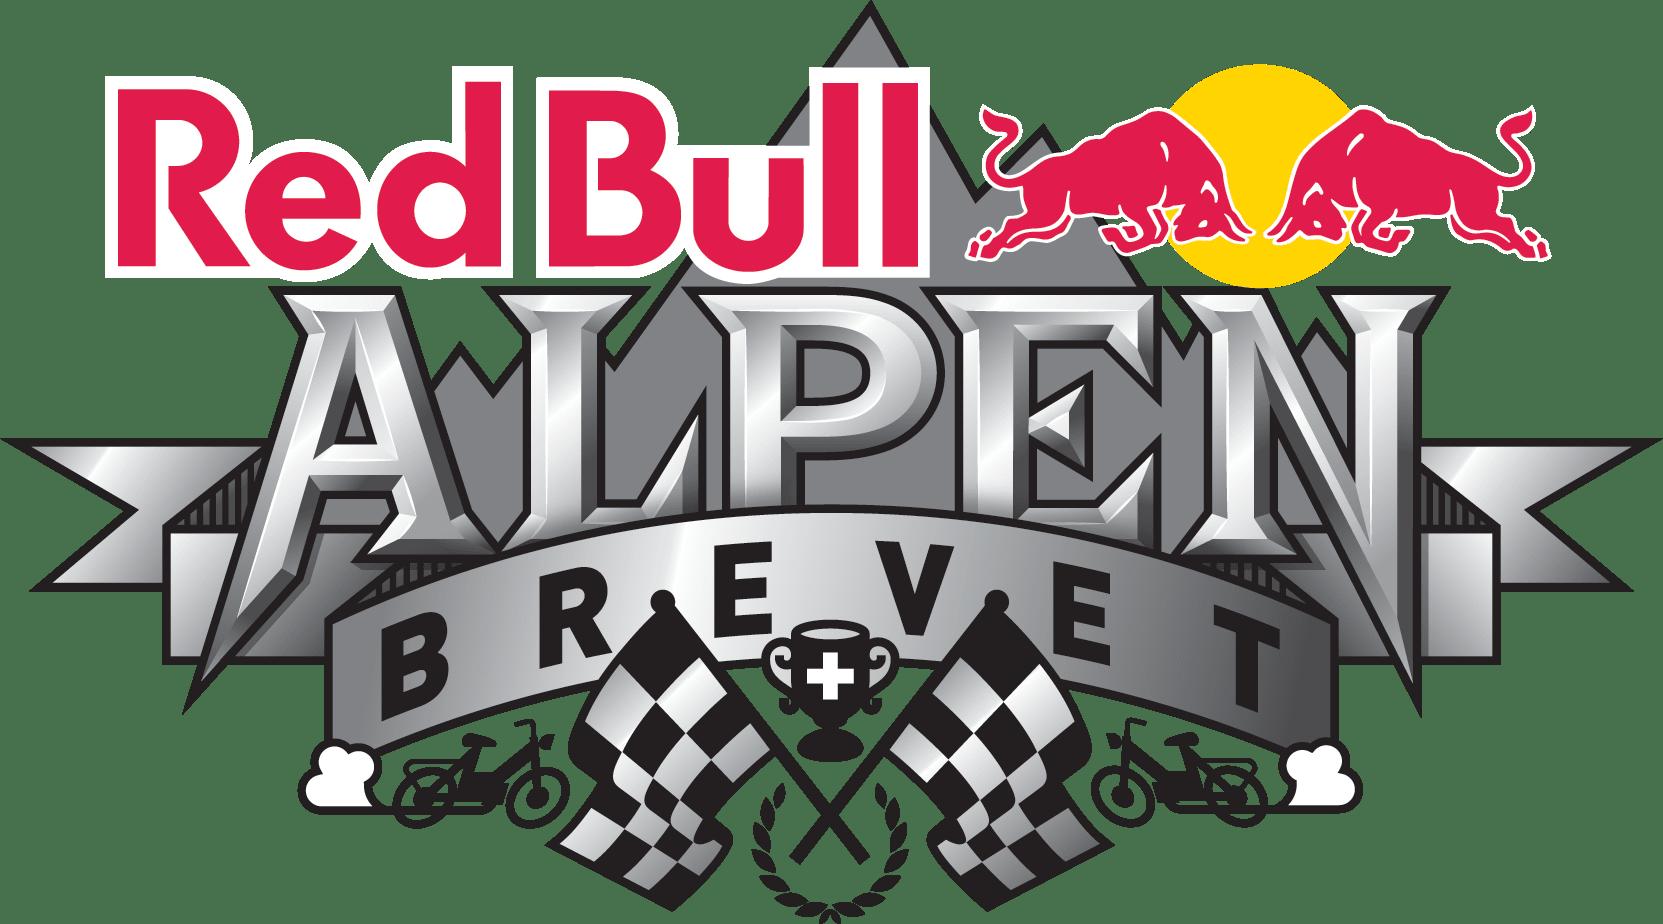 Red Bull Alpenbrevet 2021